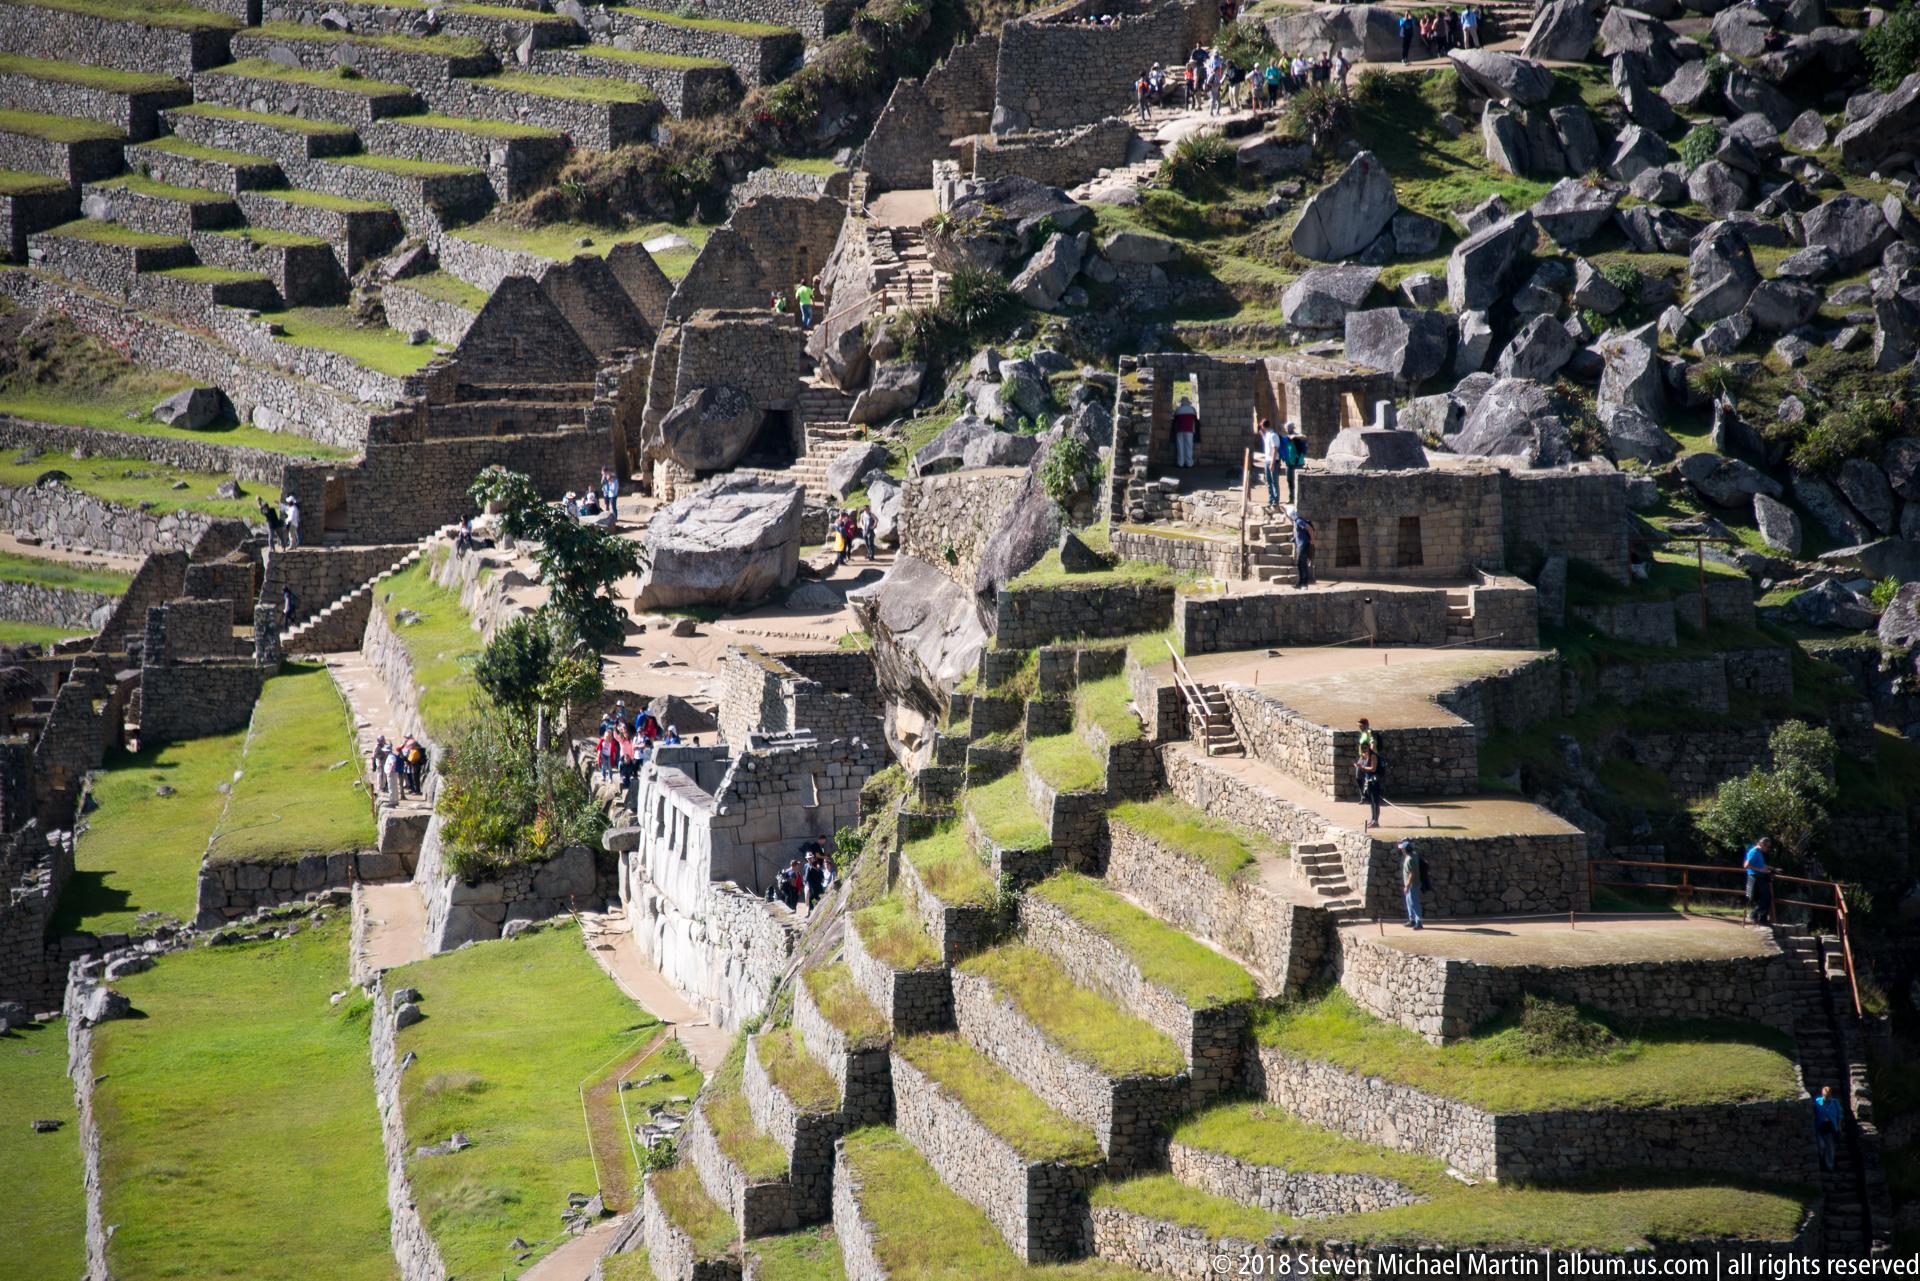 SMartin_2018 Peru Machu Picchu (106 of 139)